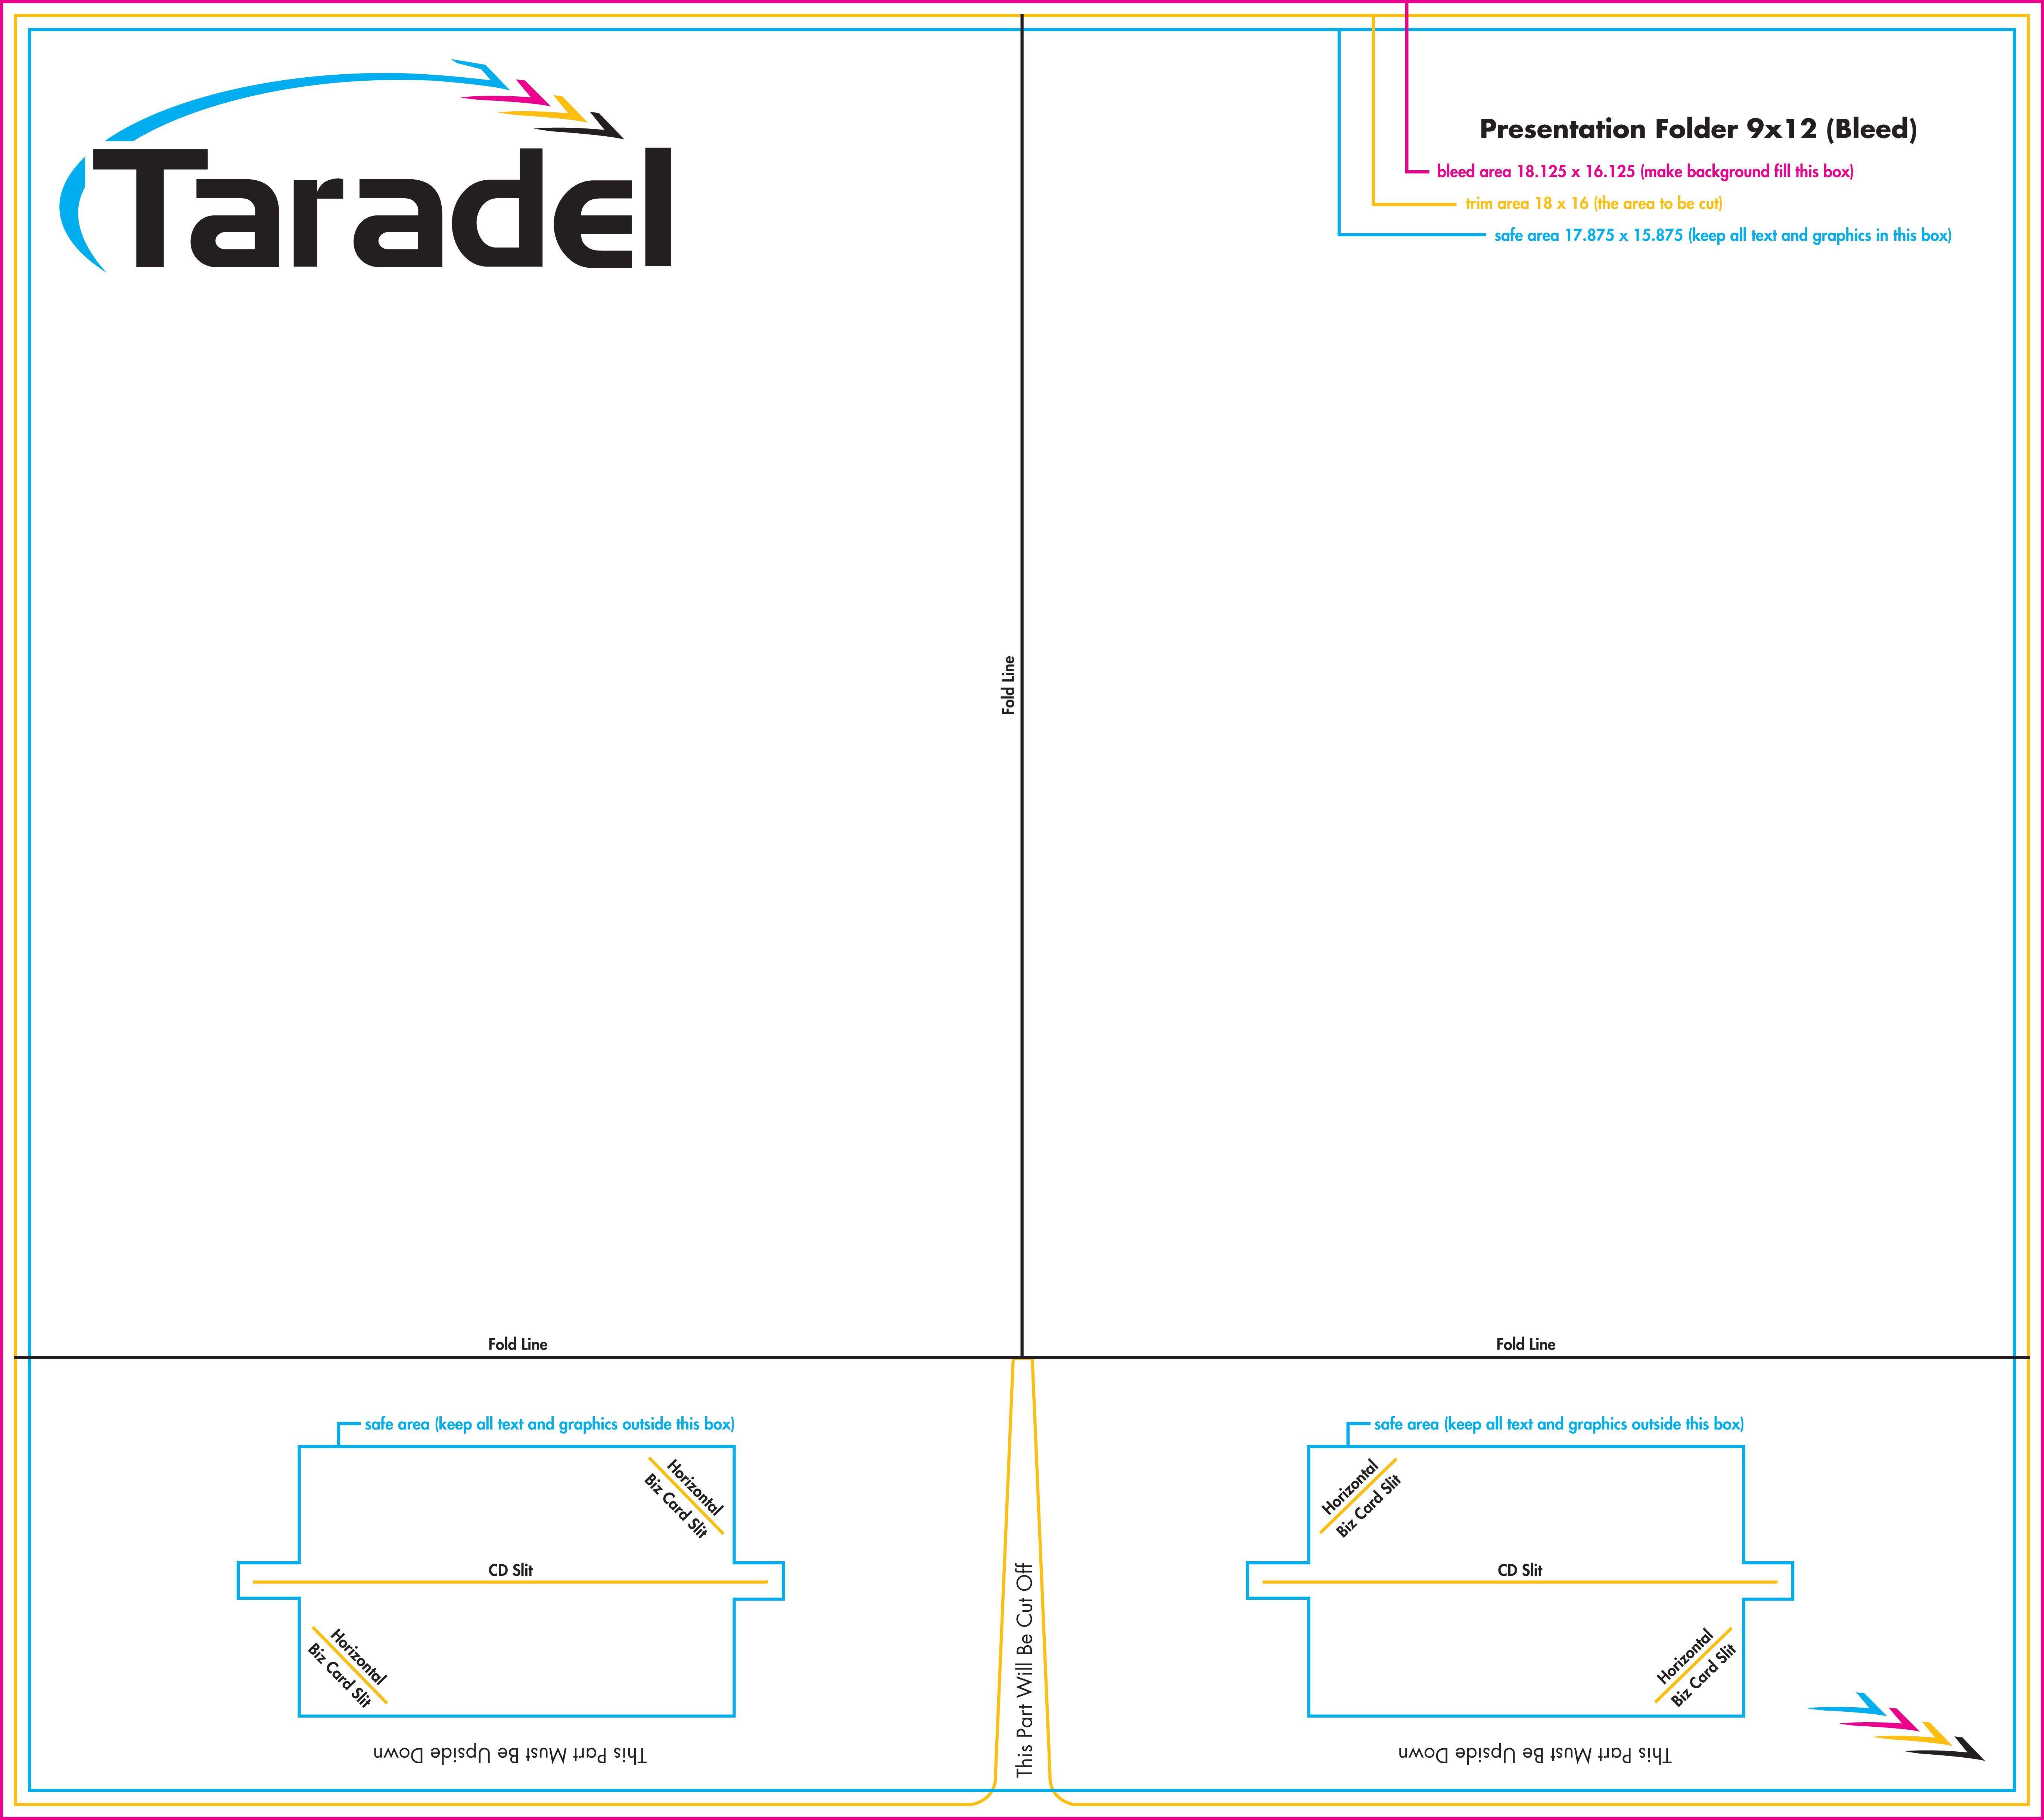 9×12 Presentation Folder Template Indesign